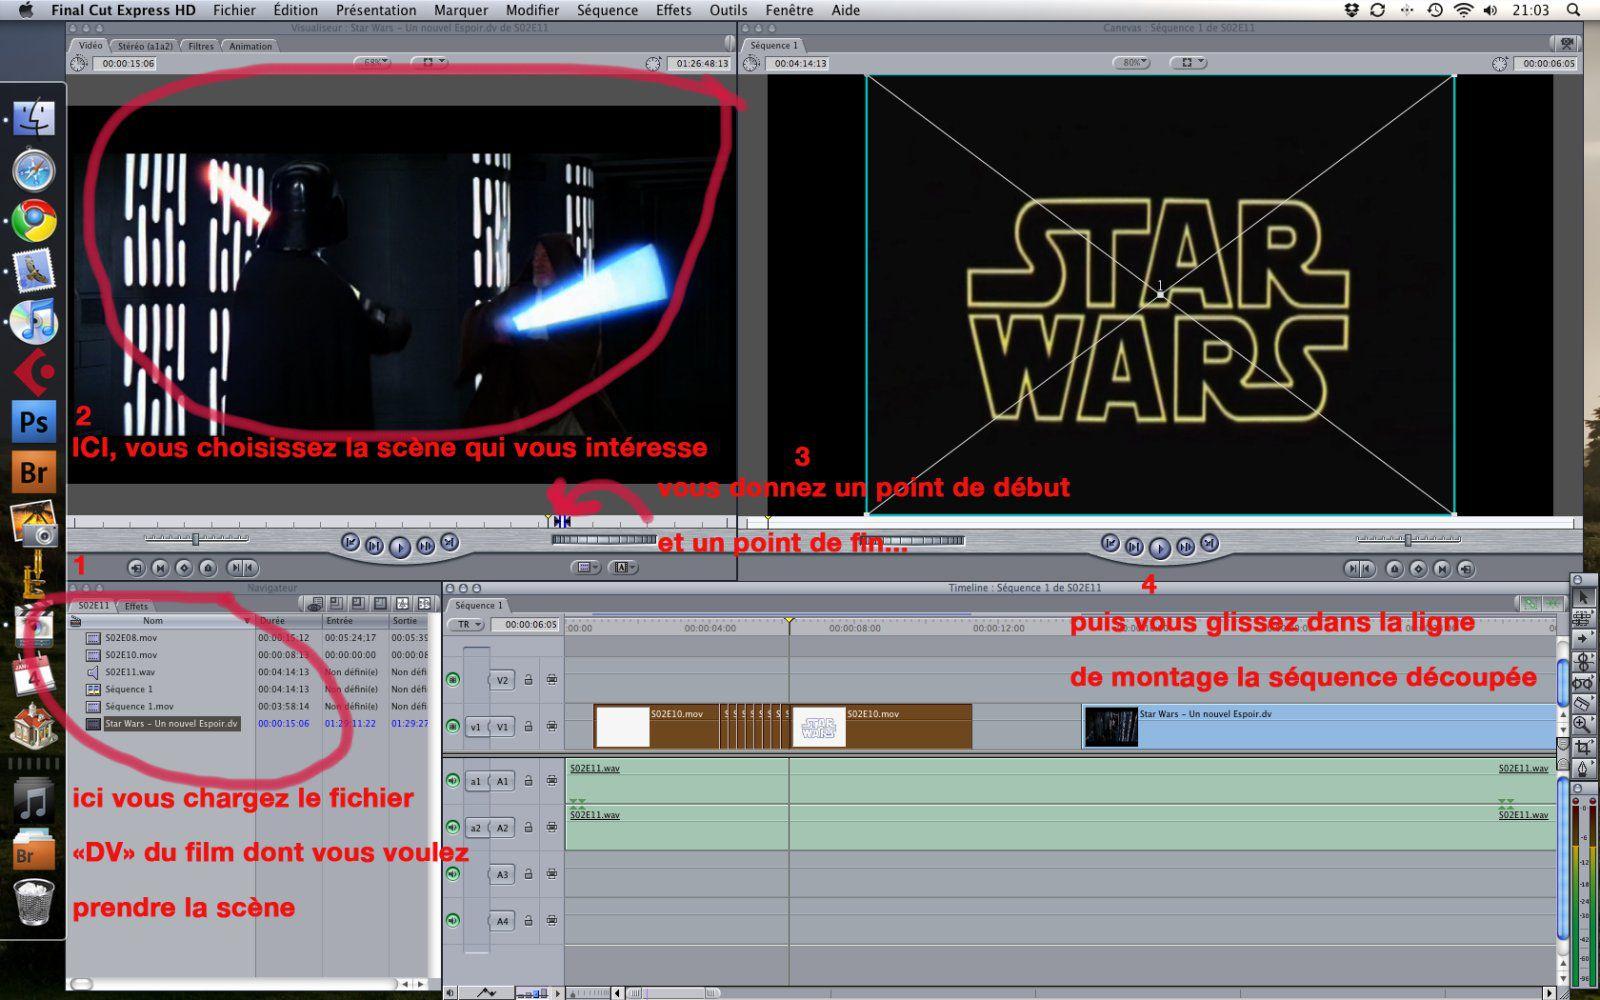 Le vrai tutoriel pour un Star Wars Deconne Capture-d-ecran-2010-01-04-a-21.03.24